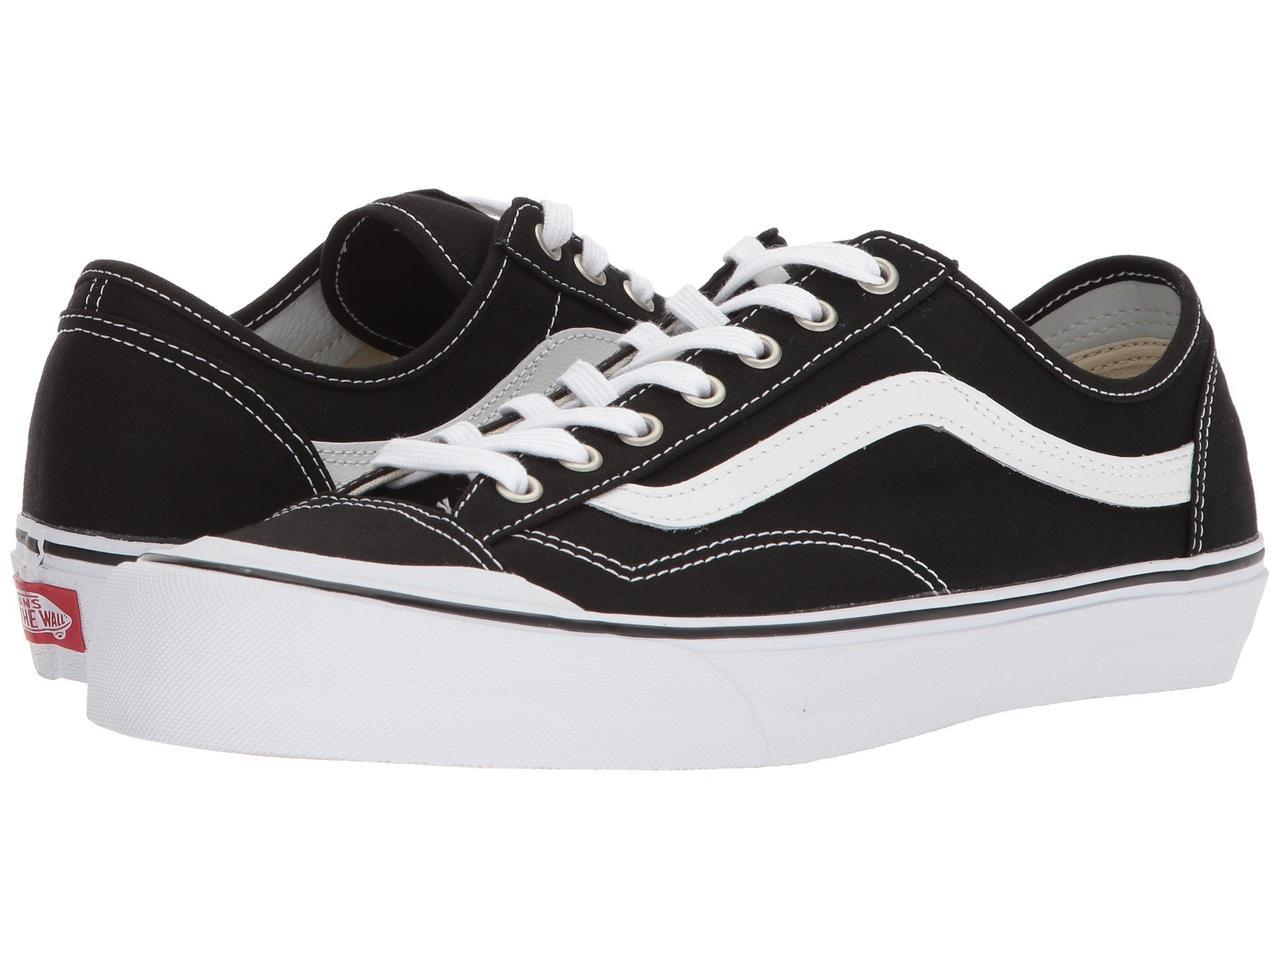 vans style 36 decon sf sneakers in black